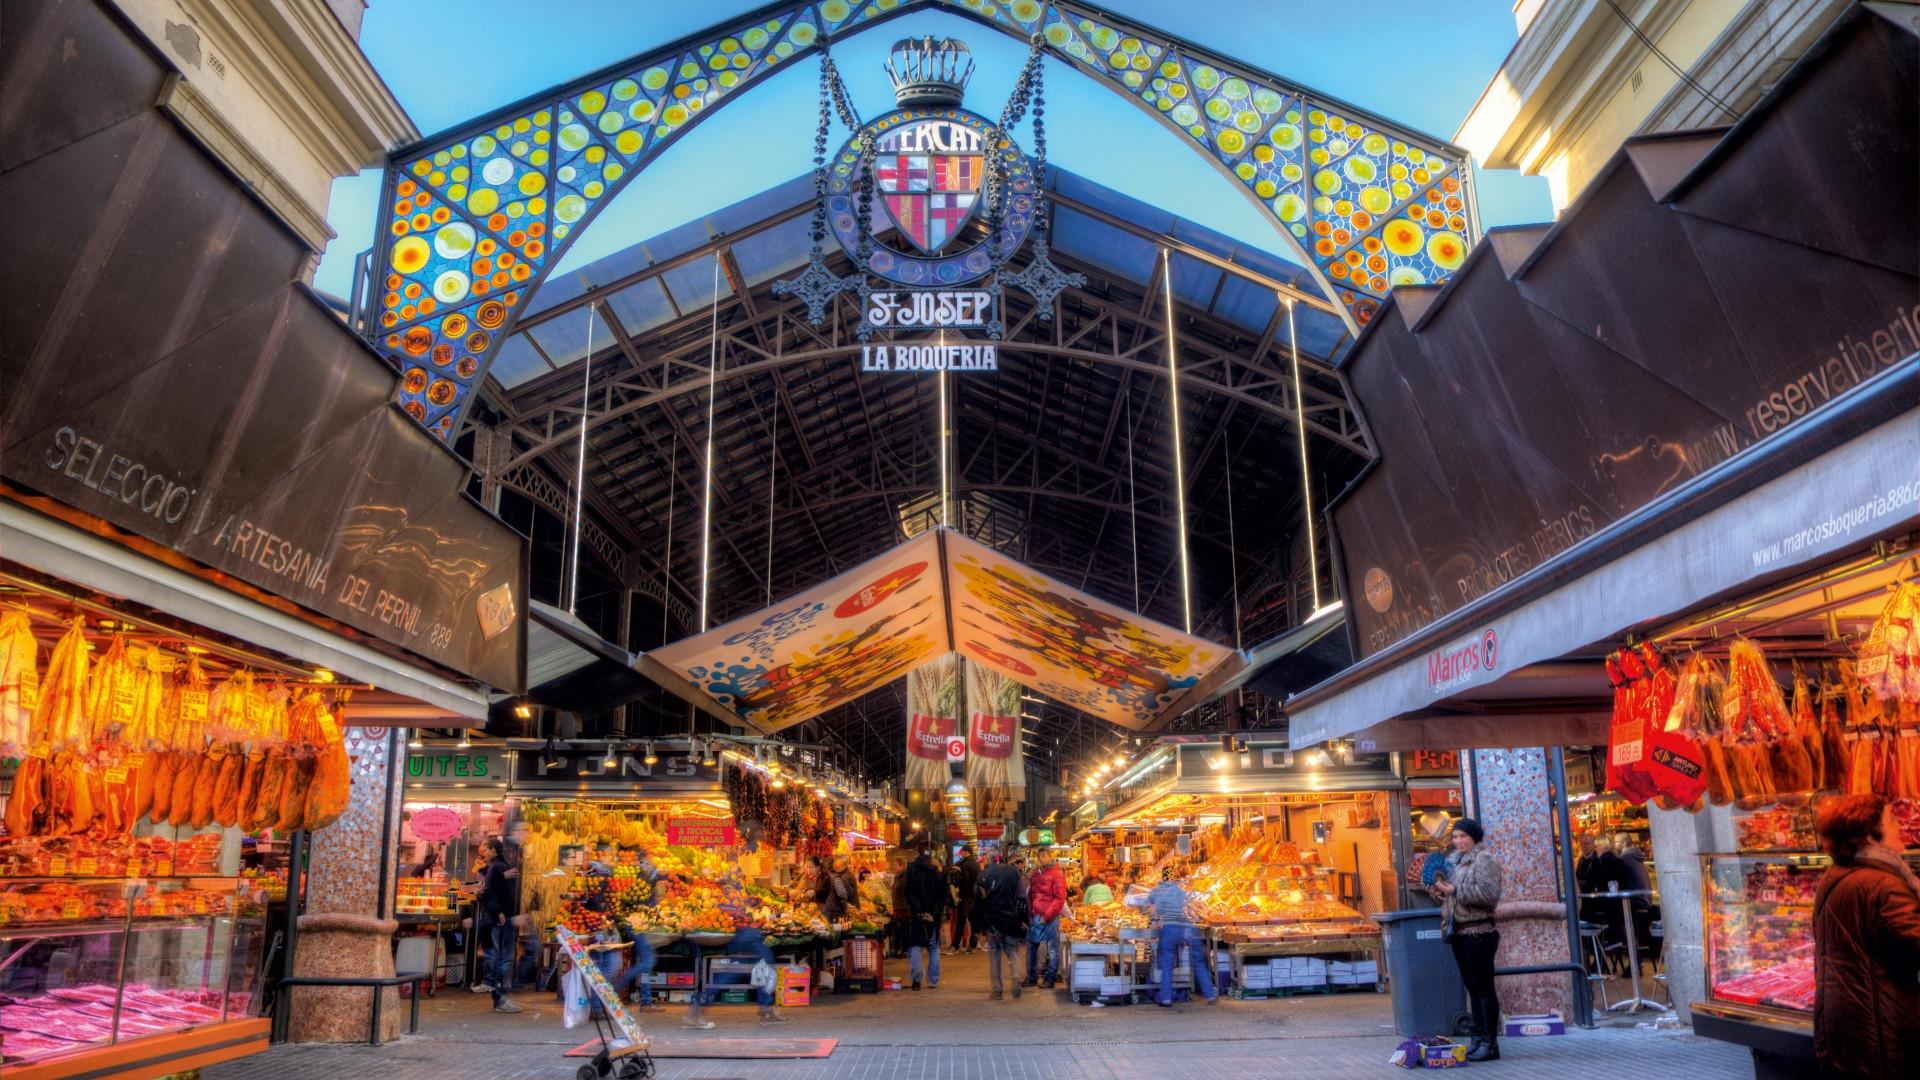 إسبانيا برشلونة افضل اماكن التسوق والمطاعم سوق لابوكويريا